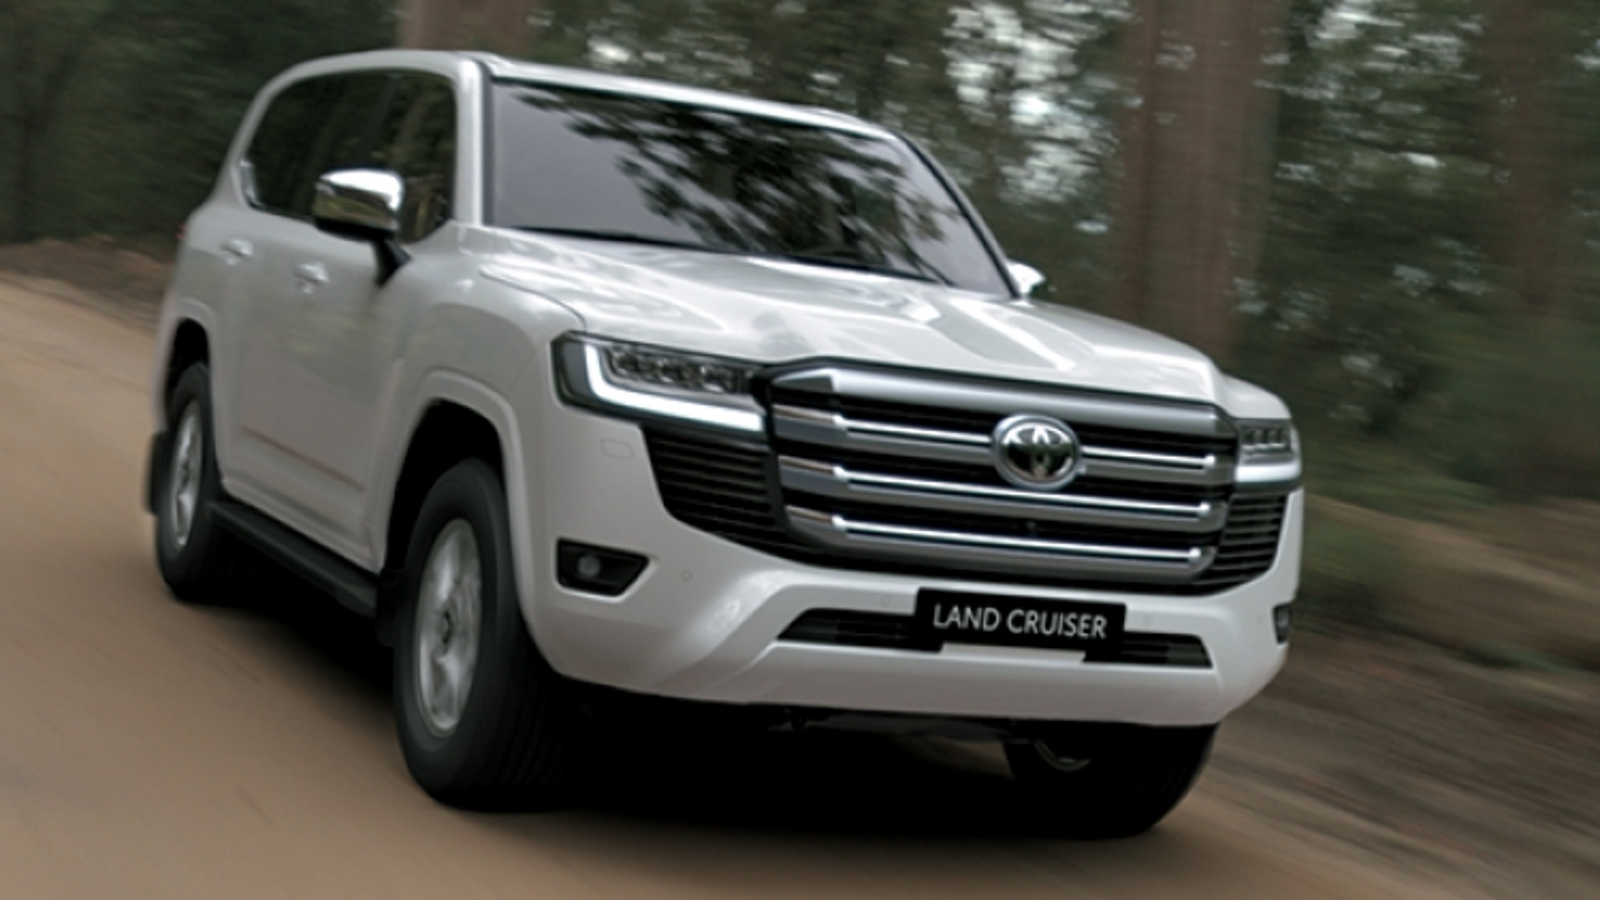 Khám phá những thay đổi của Toyota Land Cruiser 2021 vừa ra mắt tại Việt Nam